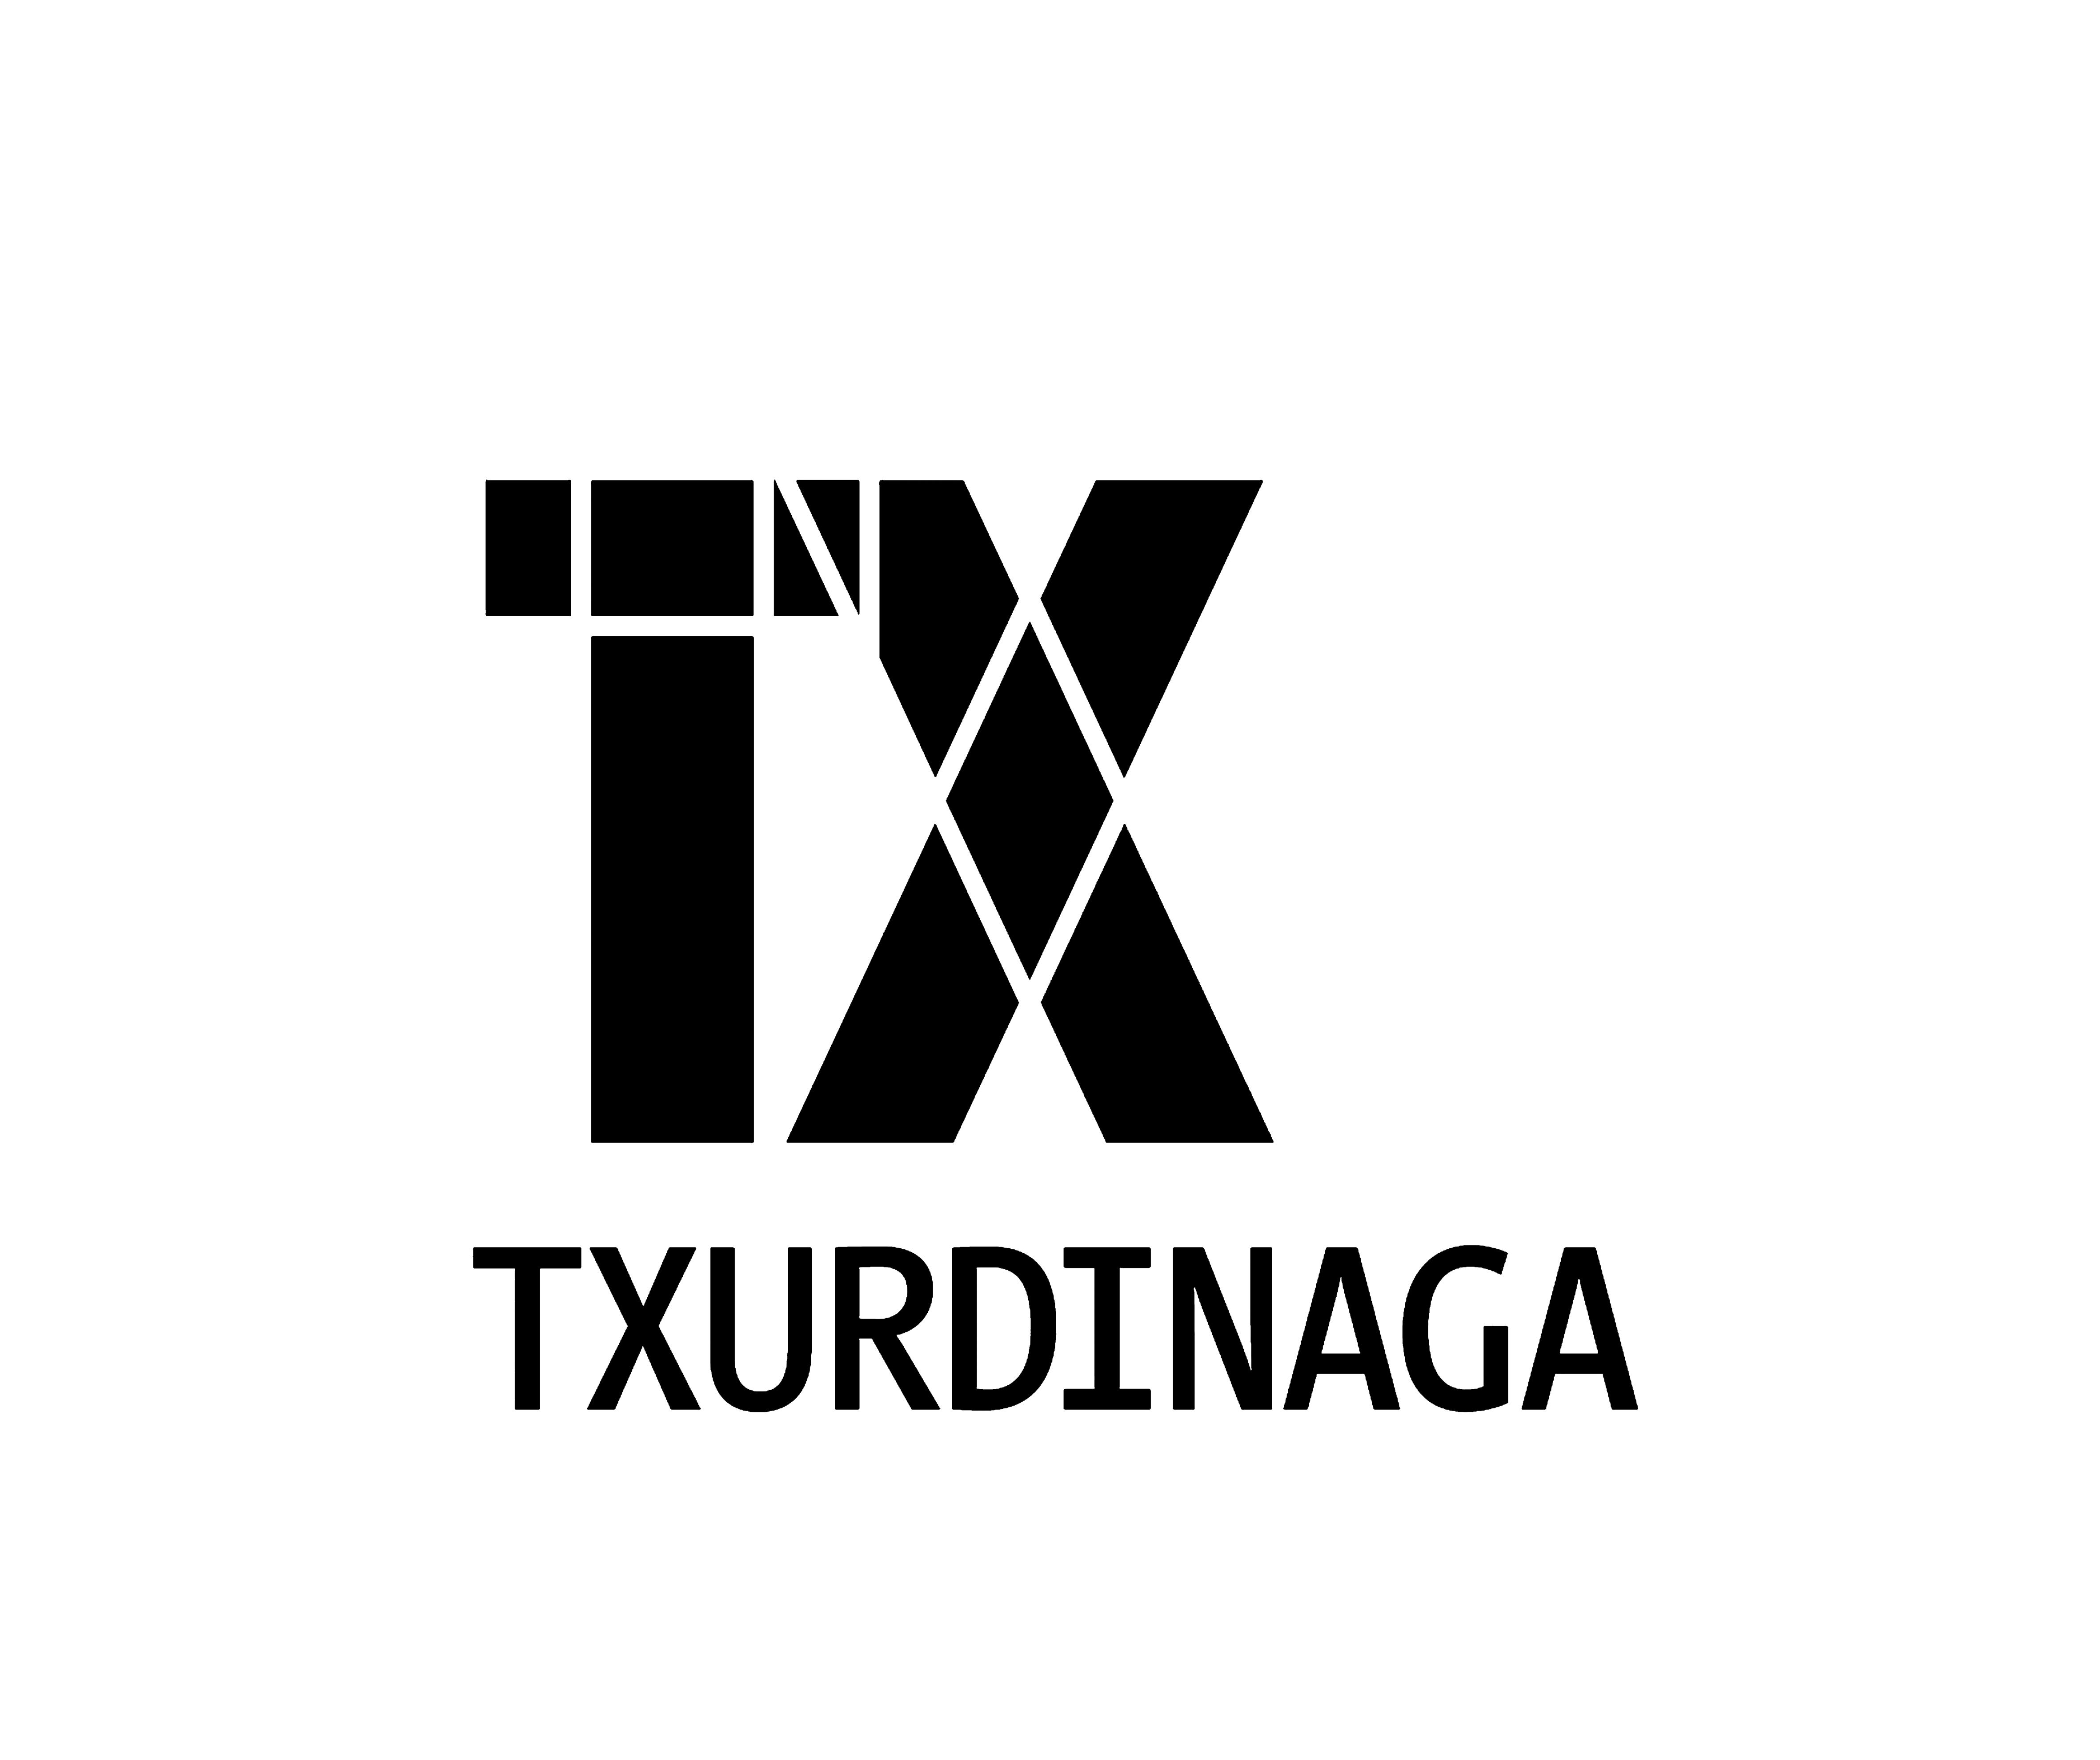 Txurdinaga